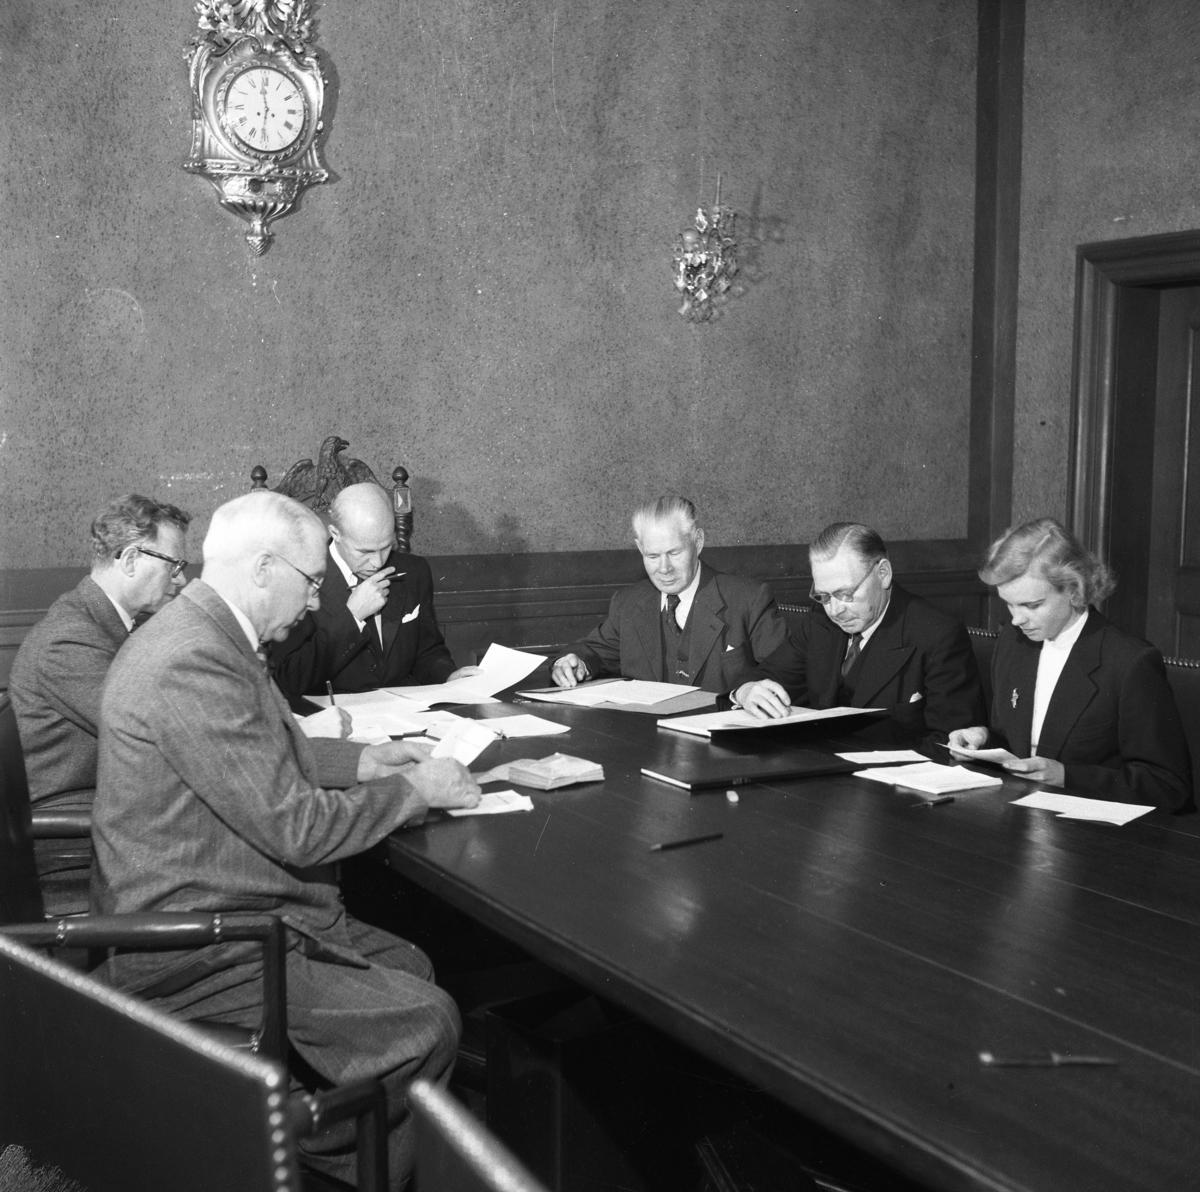 Valnämnden sammanträder i drätselkammarsalen på Rådhuset. Från vänster: Vidar Adolfsson, Georg Linell, borgmästare Daniel Ekelund (ordförande), Emanuel Carlsson, Erik Ring och Mary Zilo (kommunaltjänsteman) På väggen hänger en pendyl.